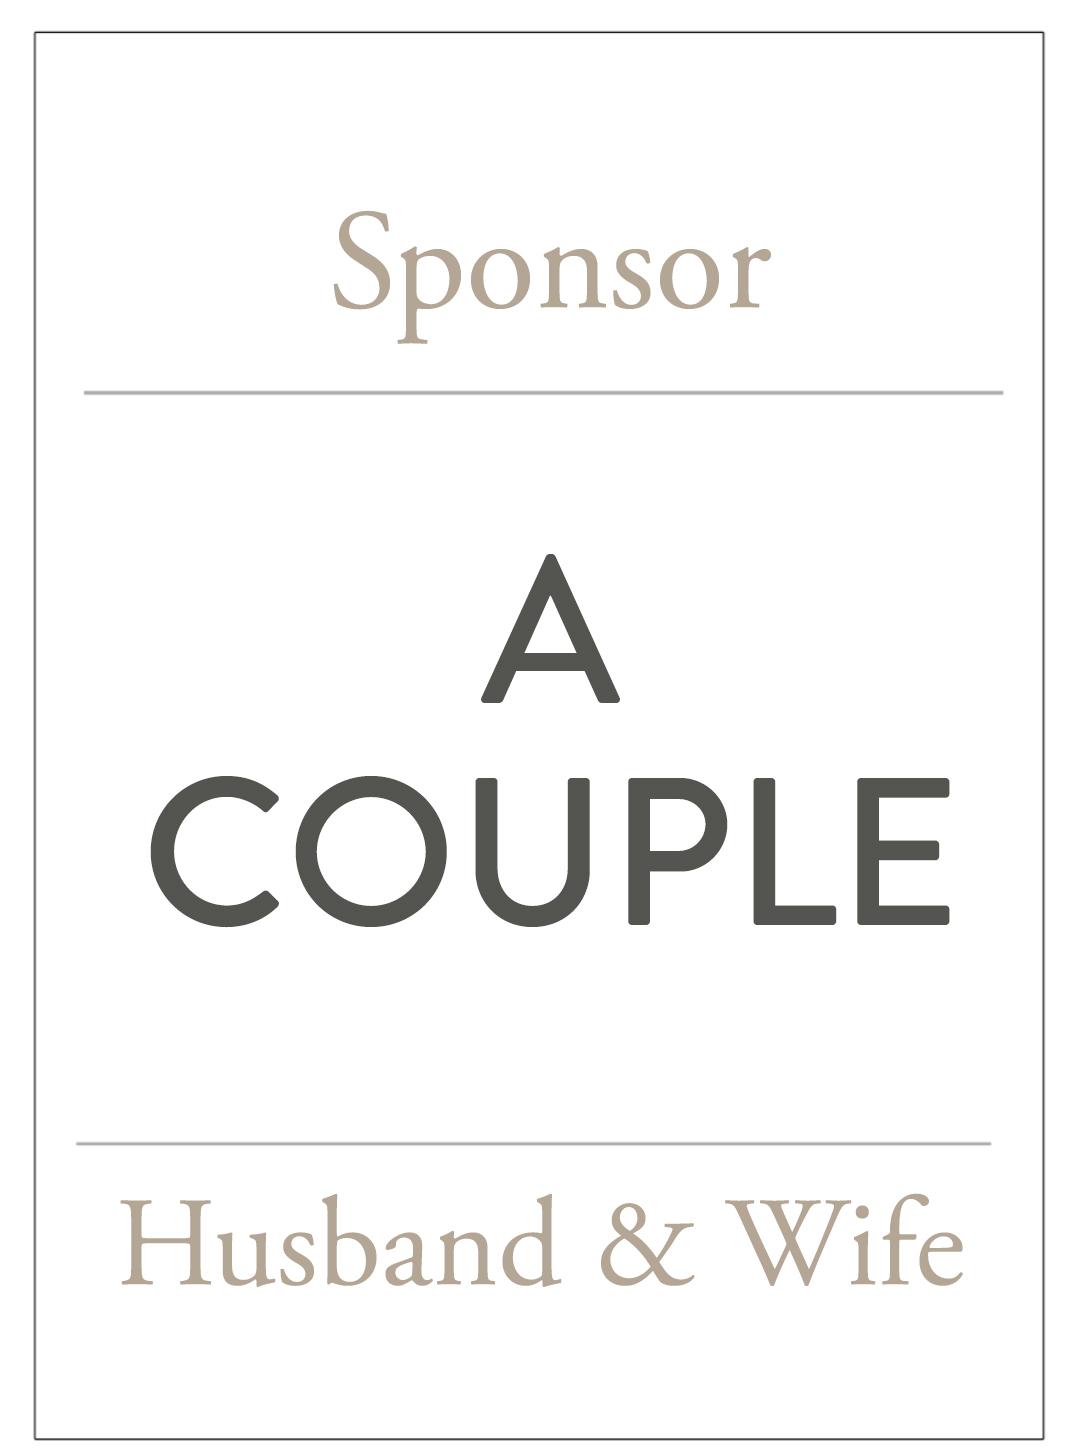 Sponsor Couple.jpg